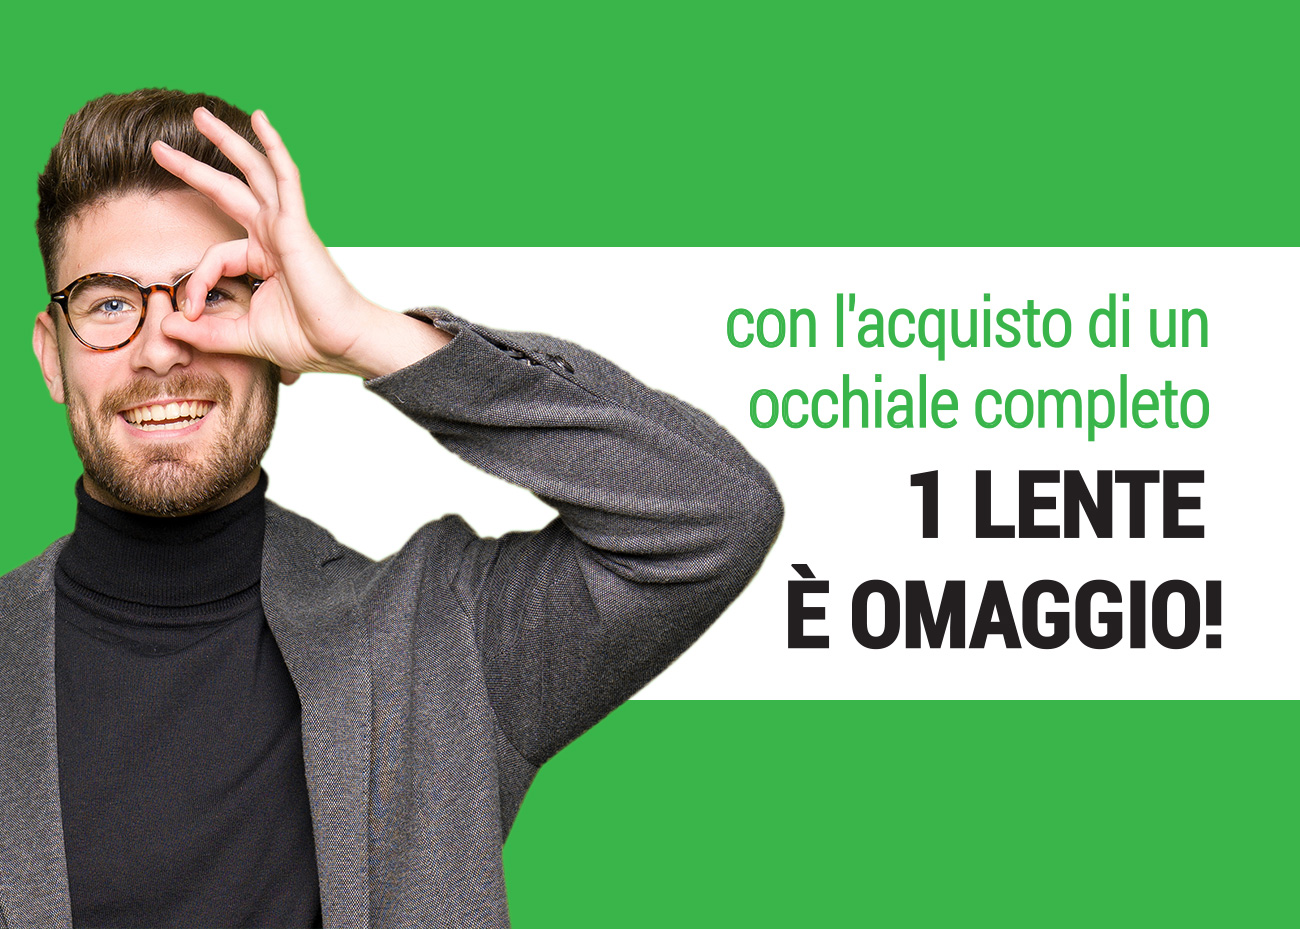 1 lente omaggio, Campagna dei Centri Ottici Associati, Centro Ottico Castelmaggiore